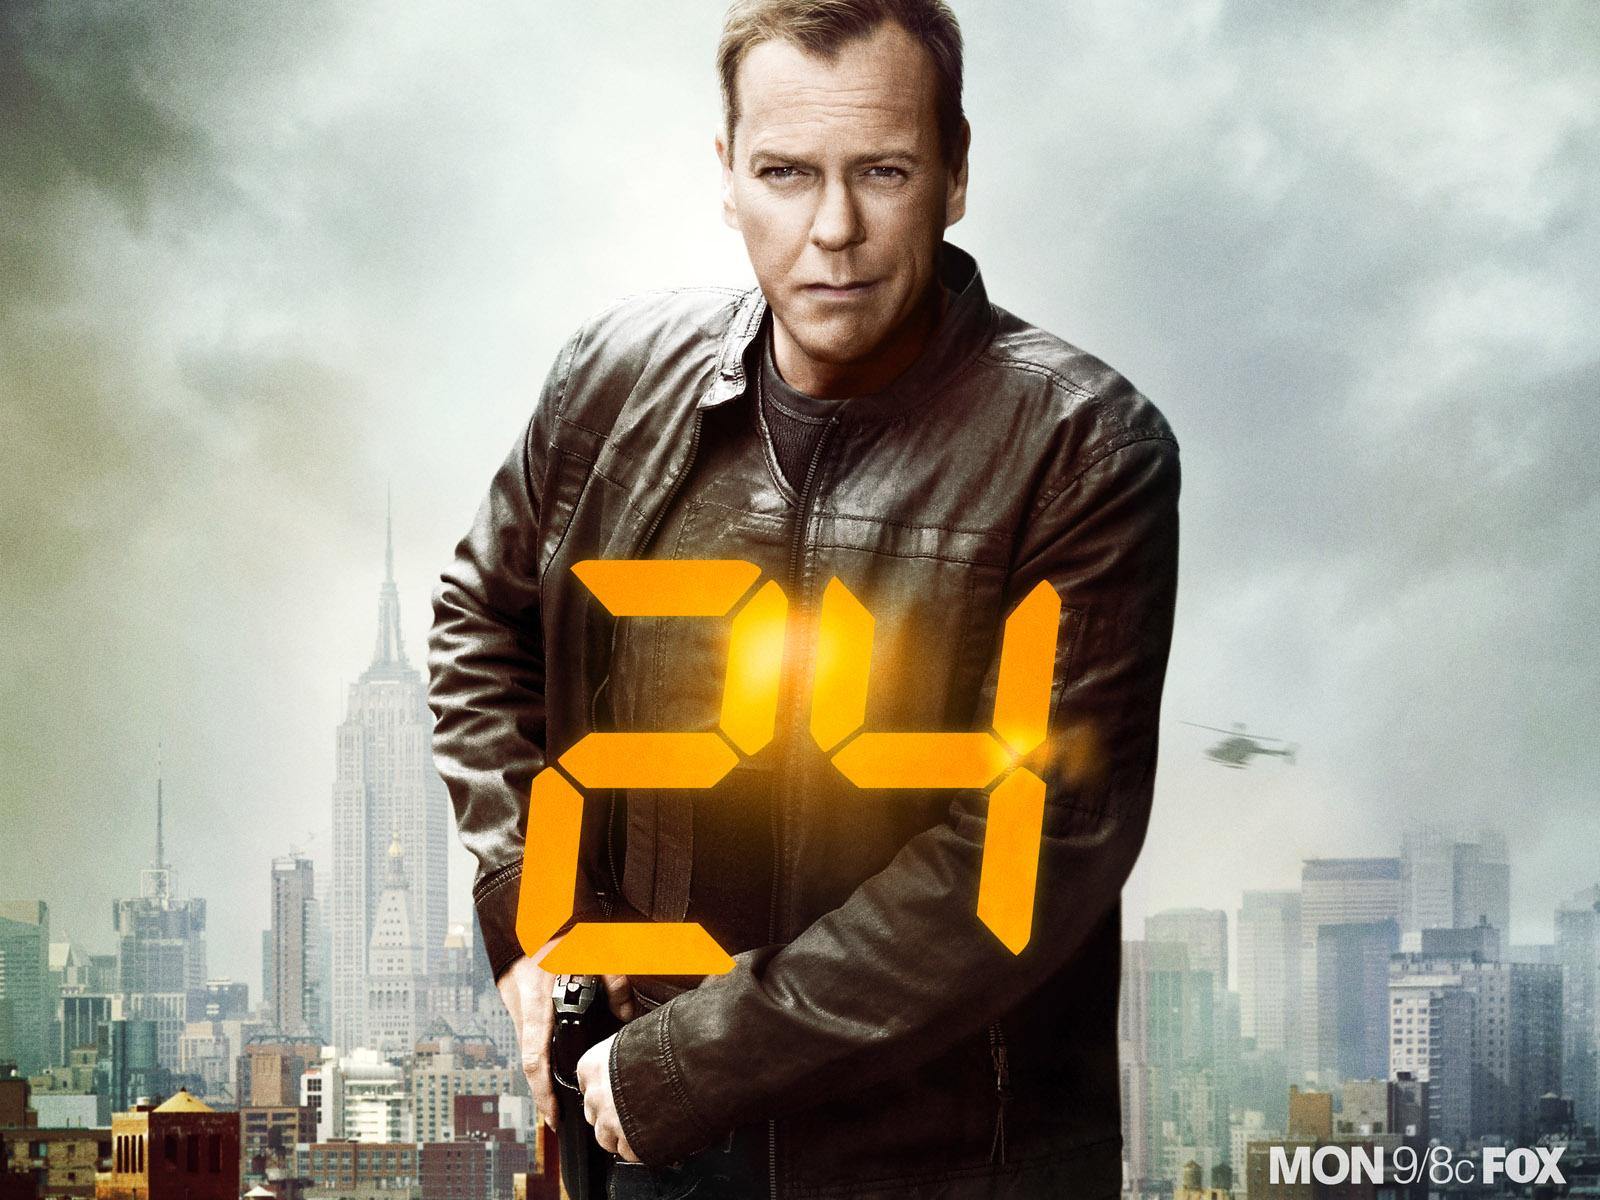 24 часа, кадр № 26